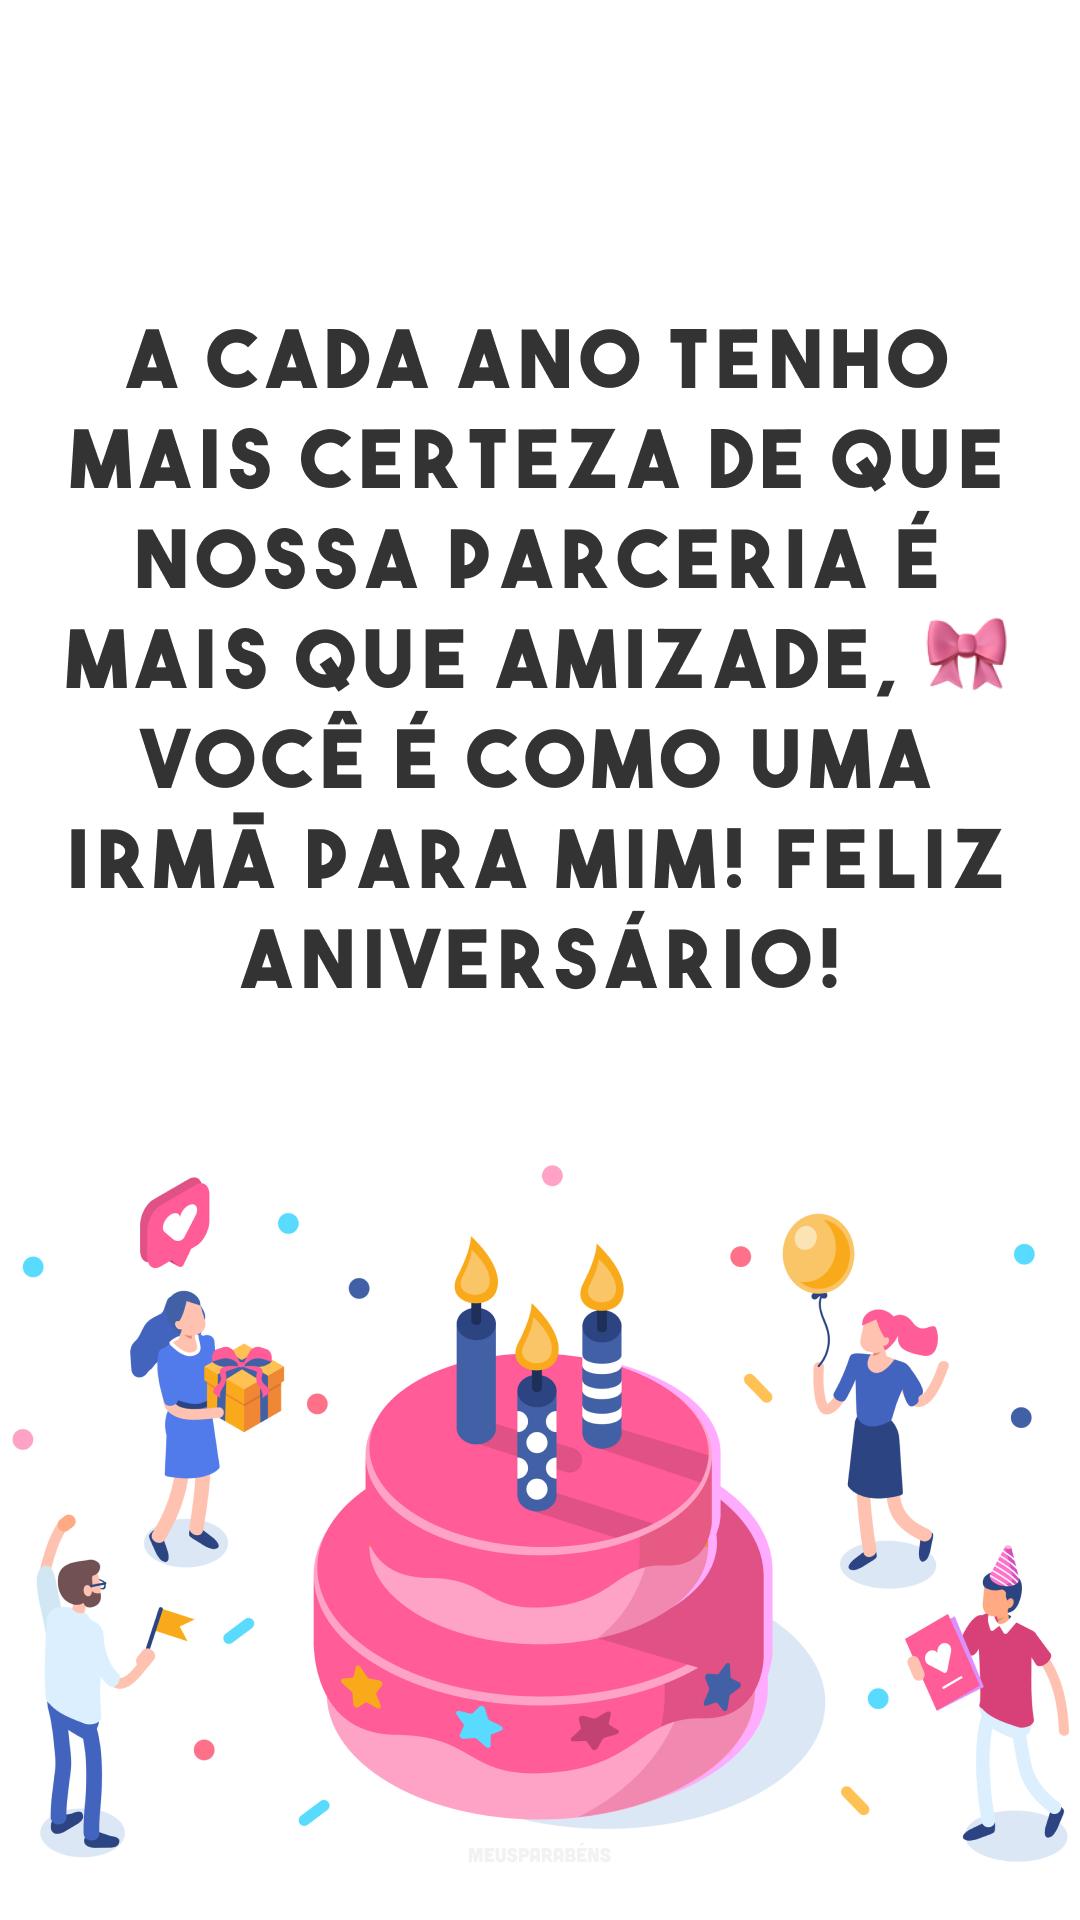 A cada ano tenho mais certeza de que nossa parceria é mais que amizade, 🎀 você é como uma irmã para mim! Feliz aniversário!